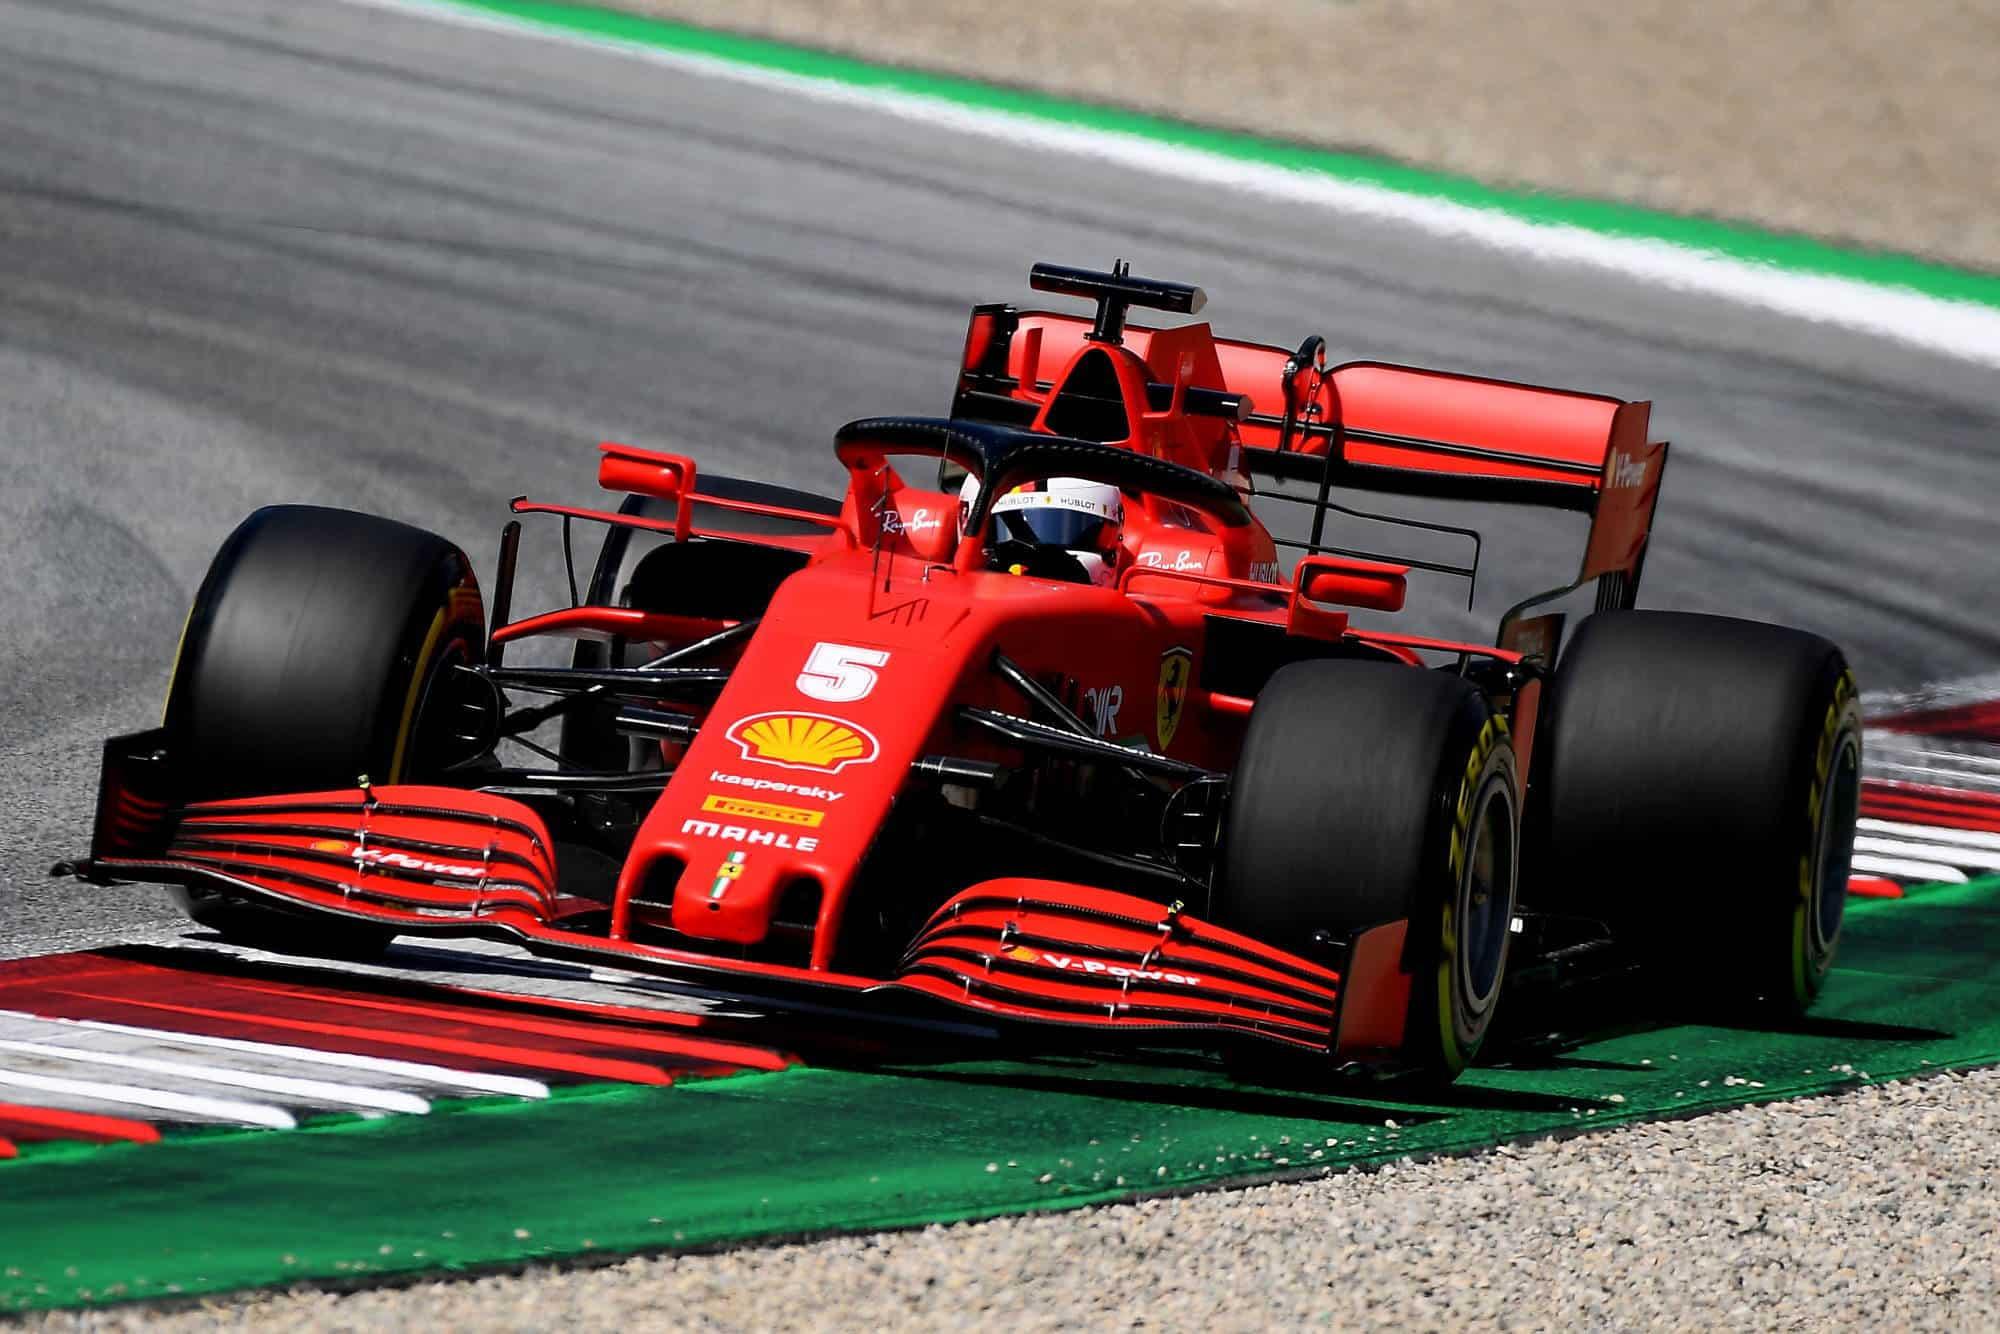 2020 Austrian GP Vettel Ferrari SF1000 medium Pirelli Photo Ferrari